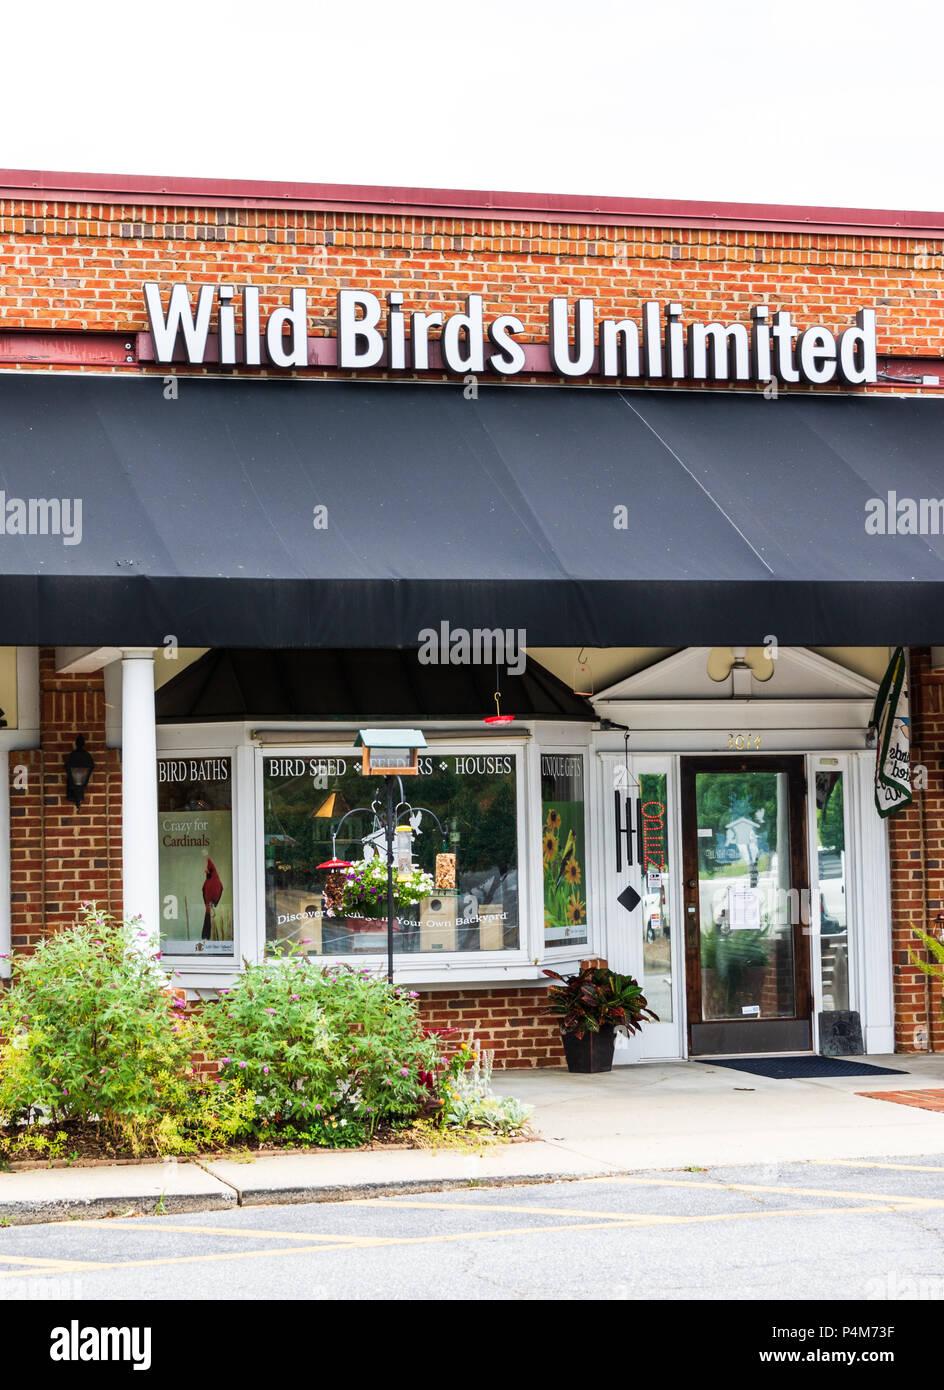 auctions on unlimited friendlyurlredirector wild to puget feeders sound feeder birds click bird lot below enlarge photos estate ashx